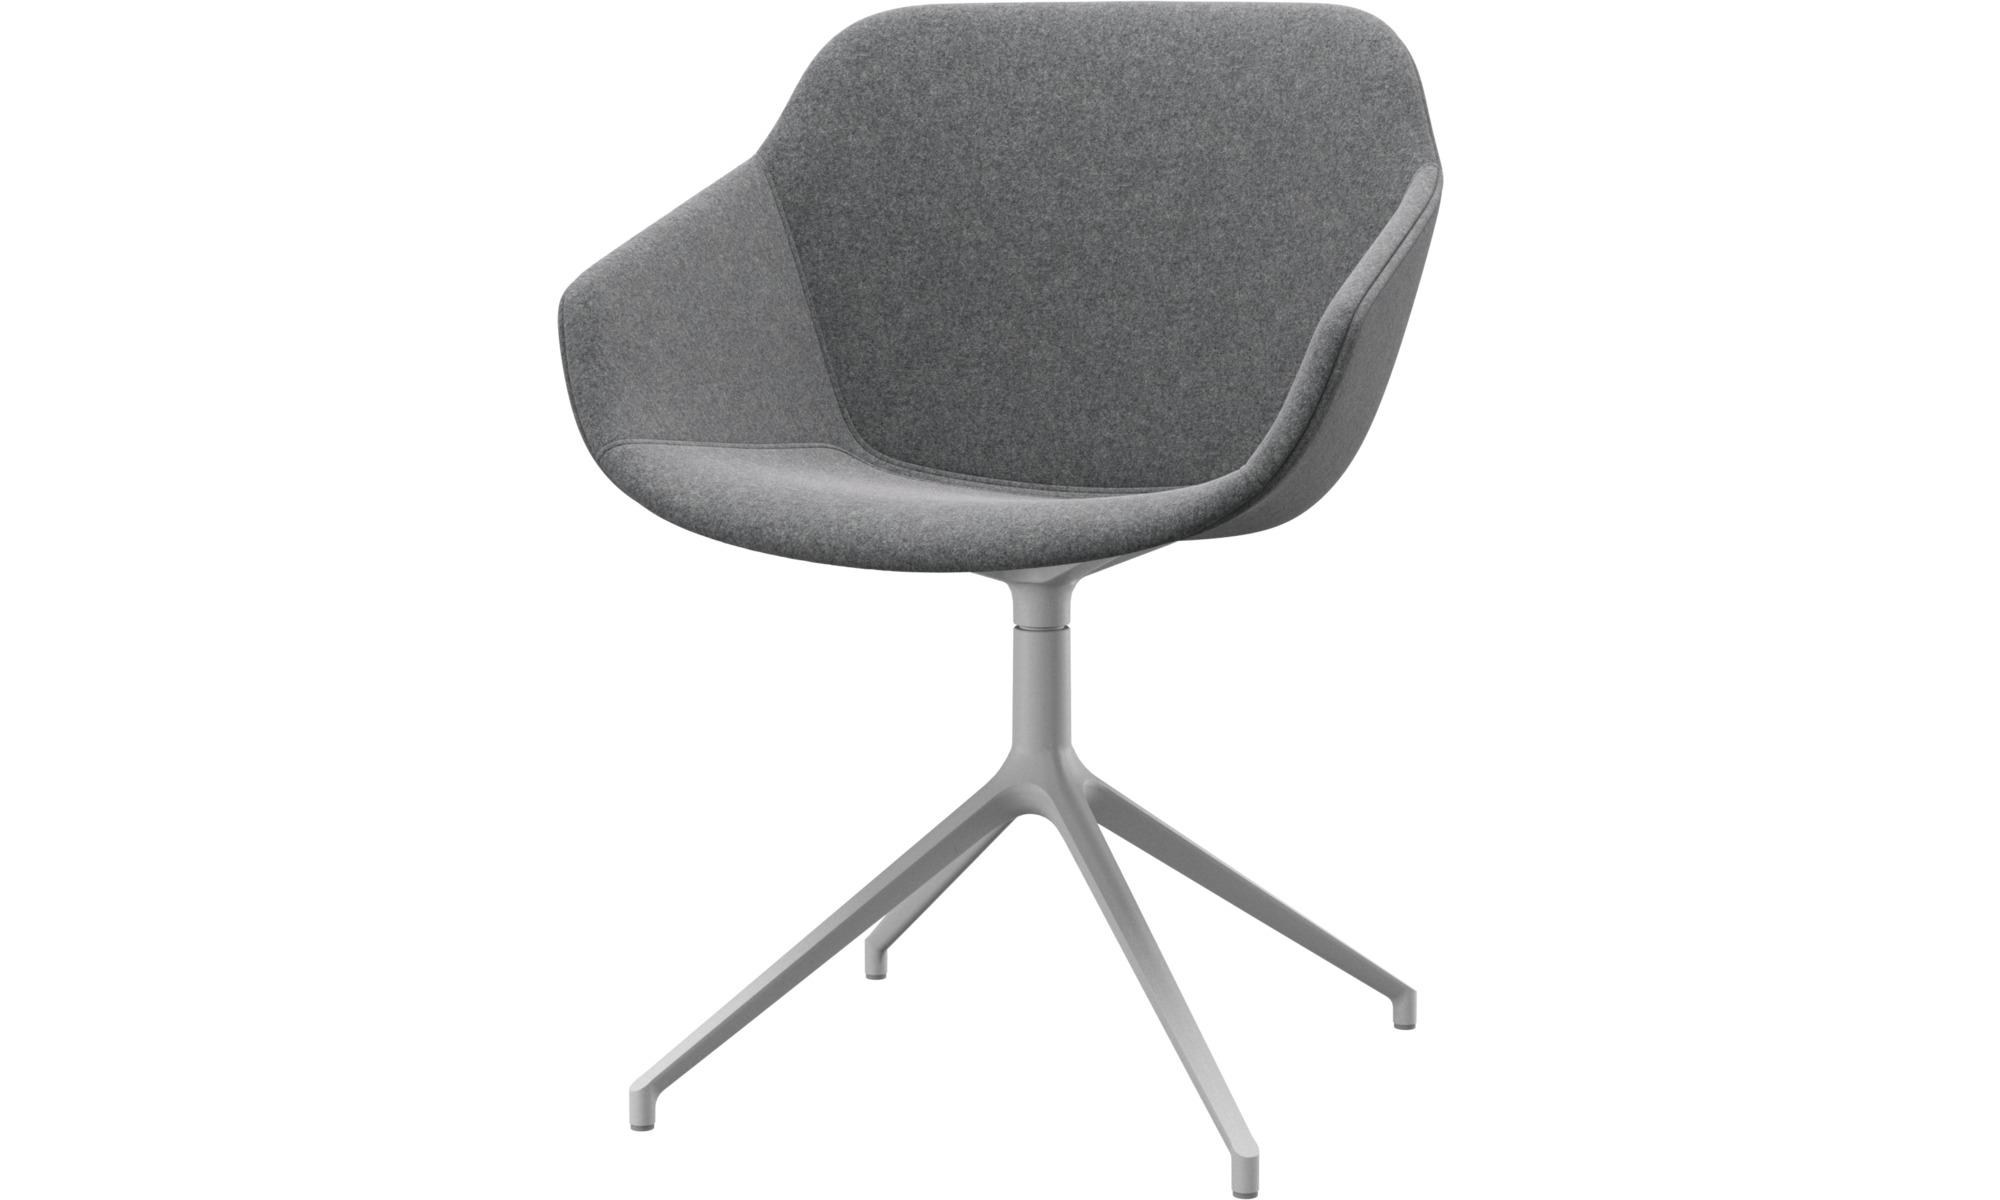 Cadeiras de jantar - Cadeira Vienna giratória - Cinza - Tecido